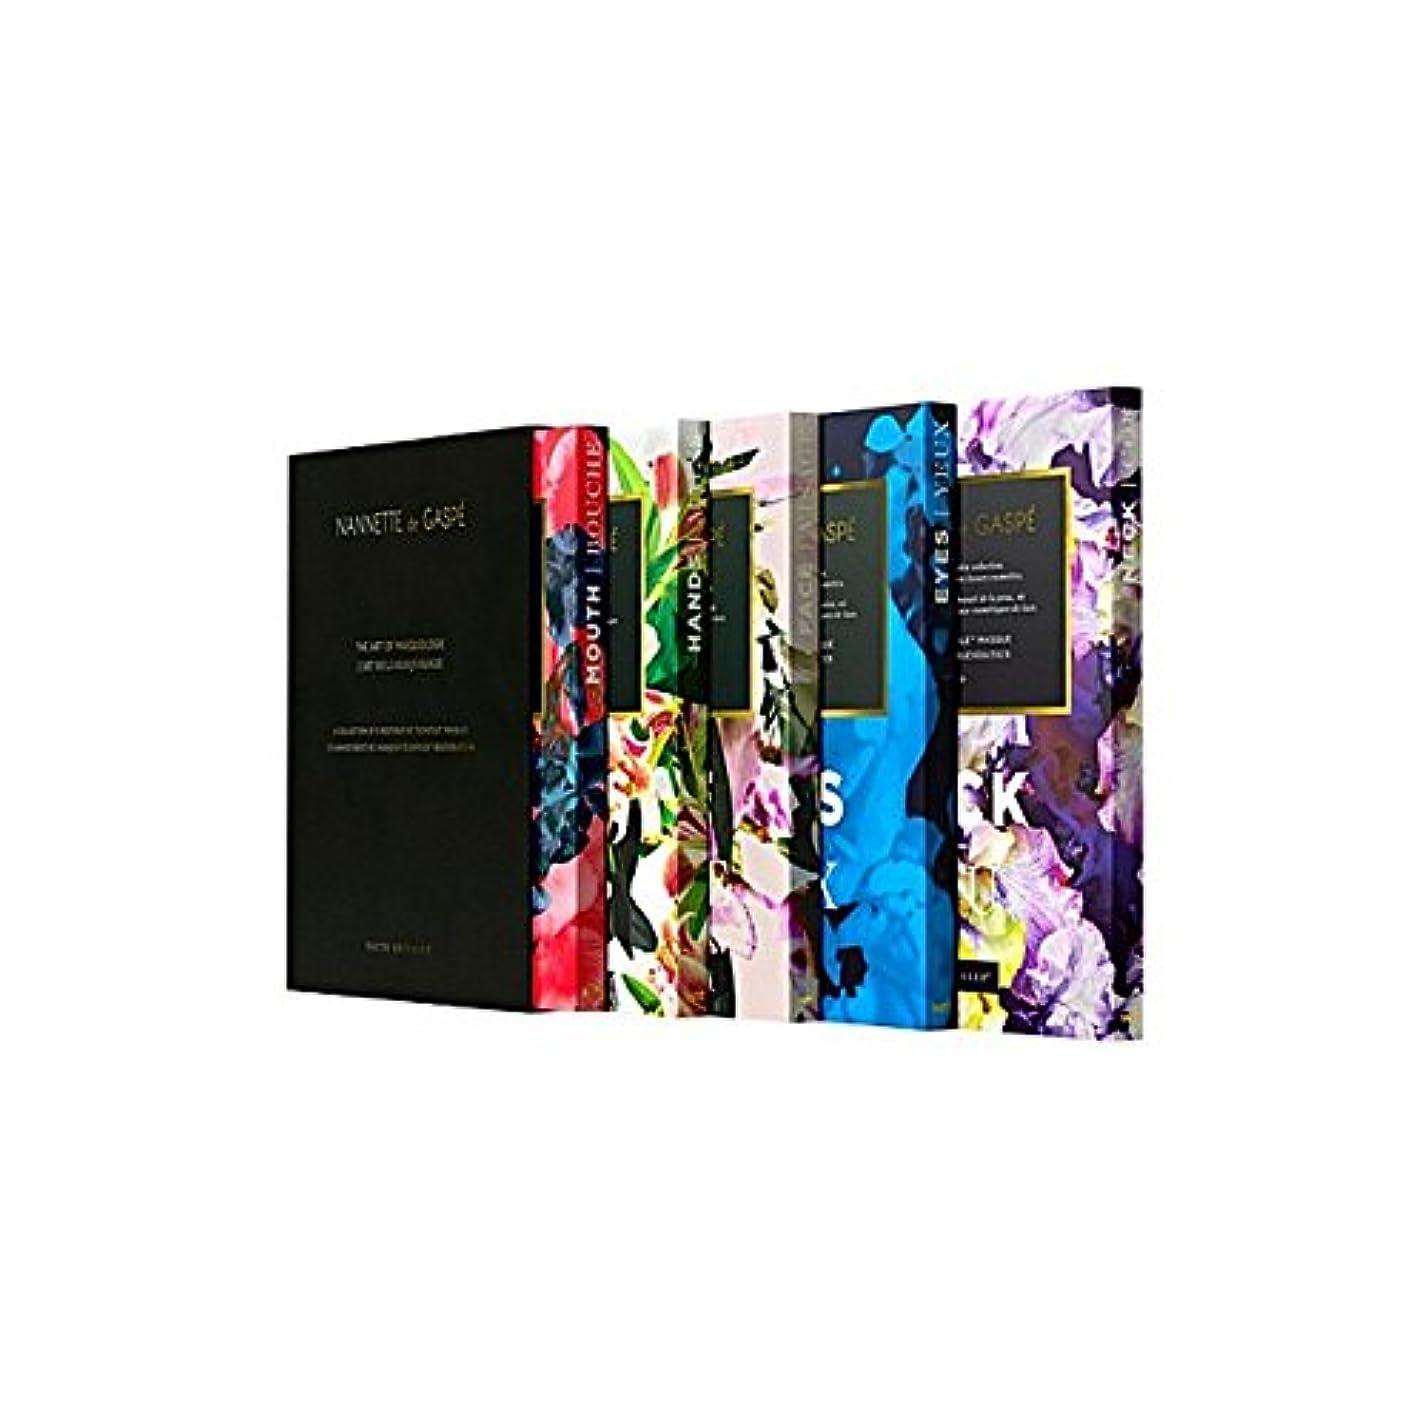 すべき対称アラブサラボデガスペ修復仮面劇コフレ x4 - Nannette De Gaspe Restorative Techstile Masque Coffret (Pack of 4) [並行輸入品]